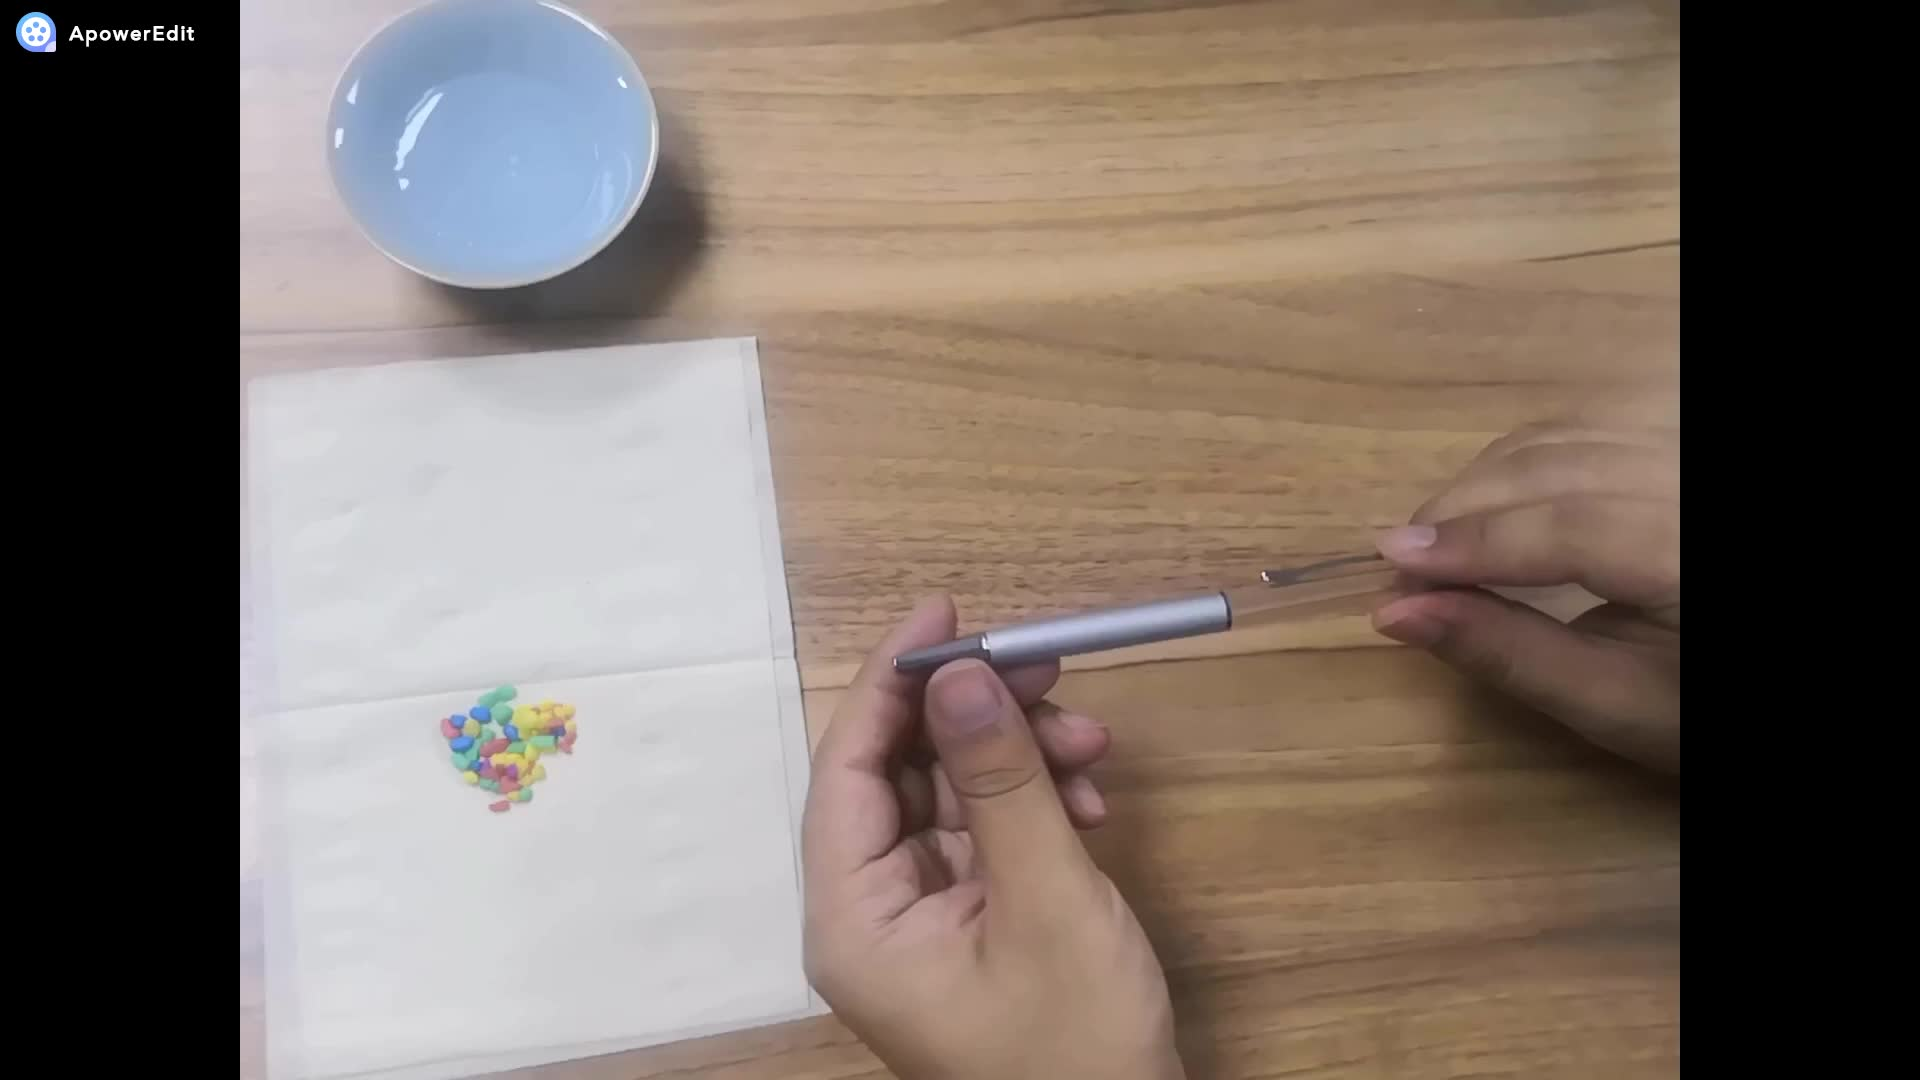 ไม่มีคริสตัลโลหะปากกาประกอบ custom herbarium DIY ปากกาที่ว่างเปล่า glitter ปากกา